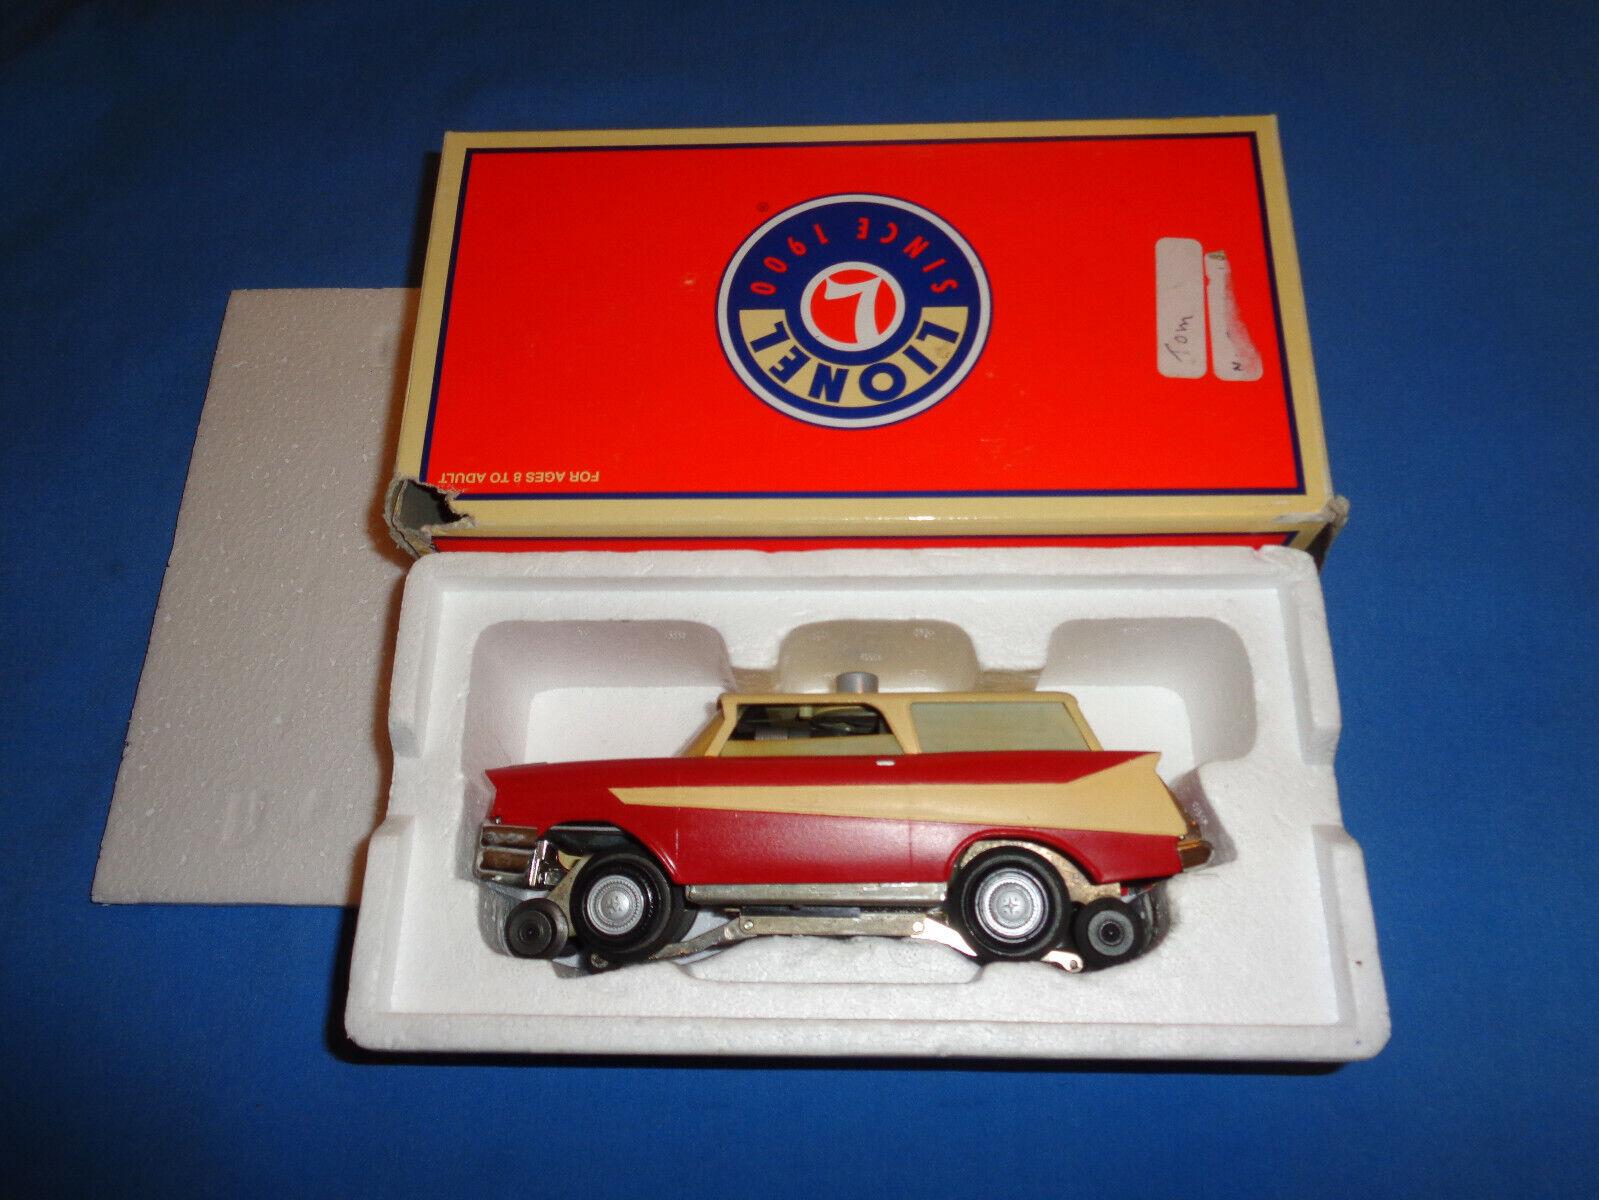 tienda de venta Lionel  6-28440 6-28440 6-28440 de Pennsylvania Railroad inspección coche con ob  oferta especial